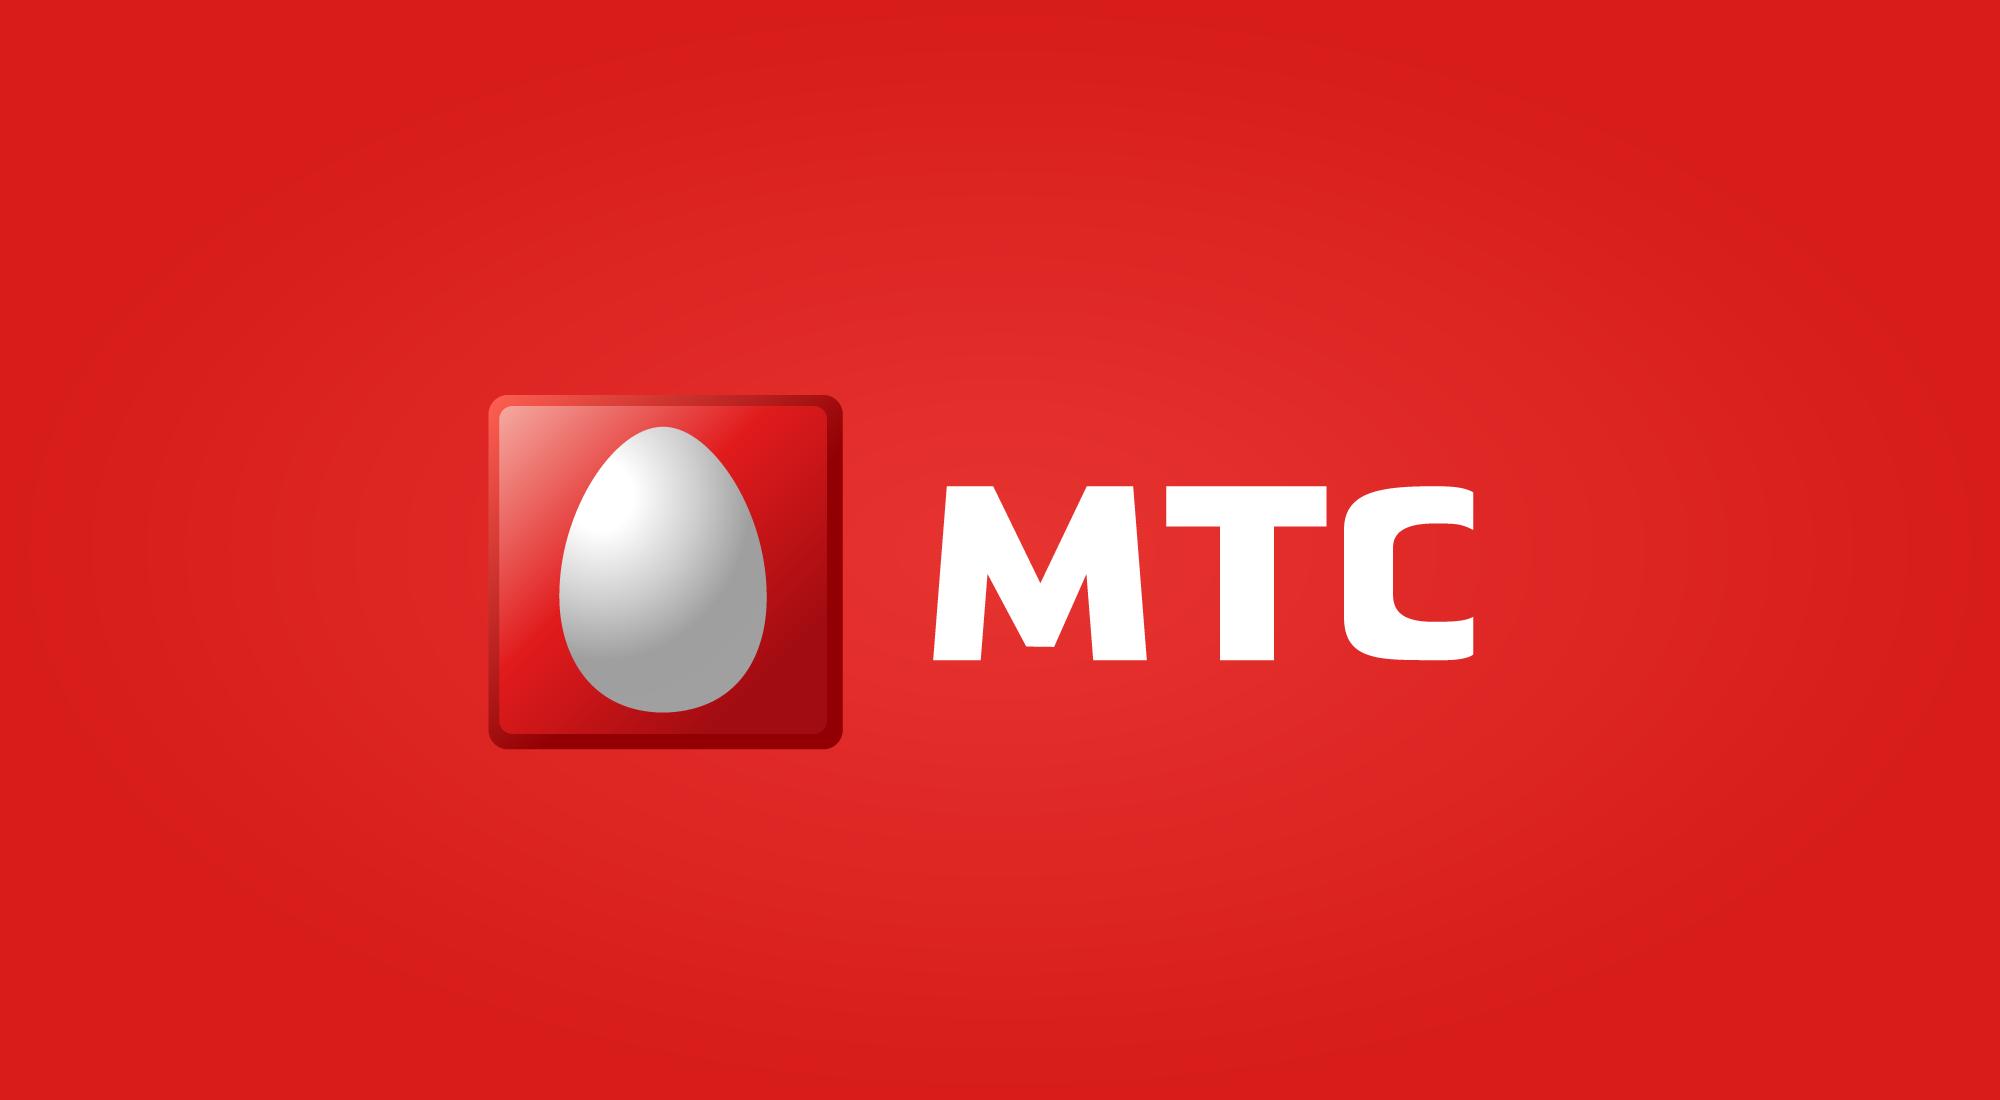 МТС может начать блокировку рекламного контента вweb-сети потребованию абонента